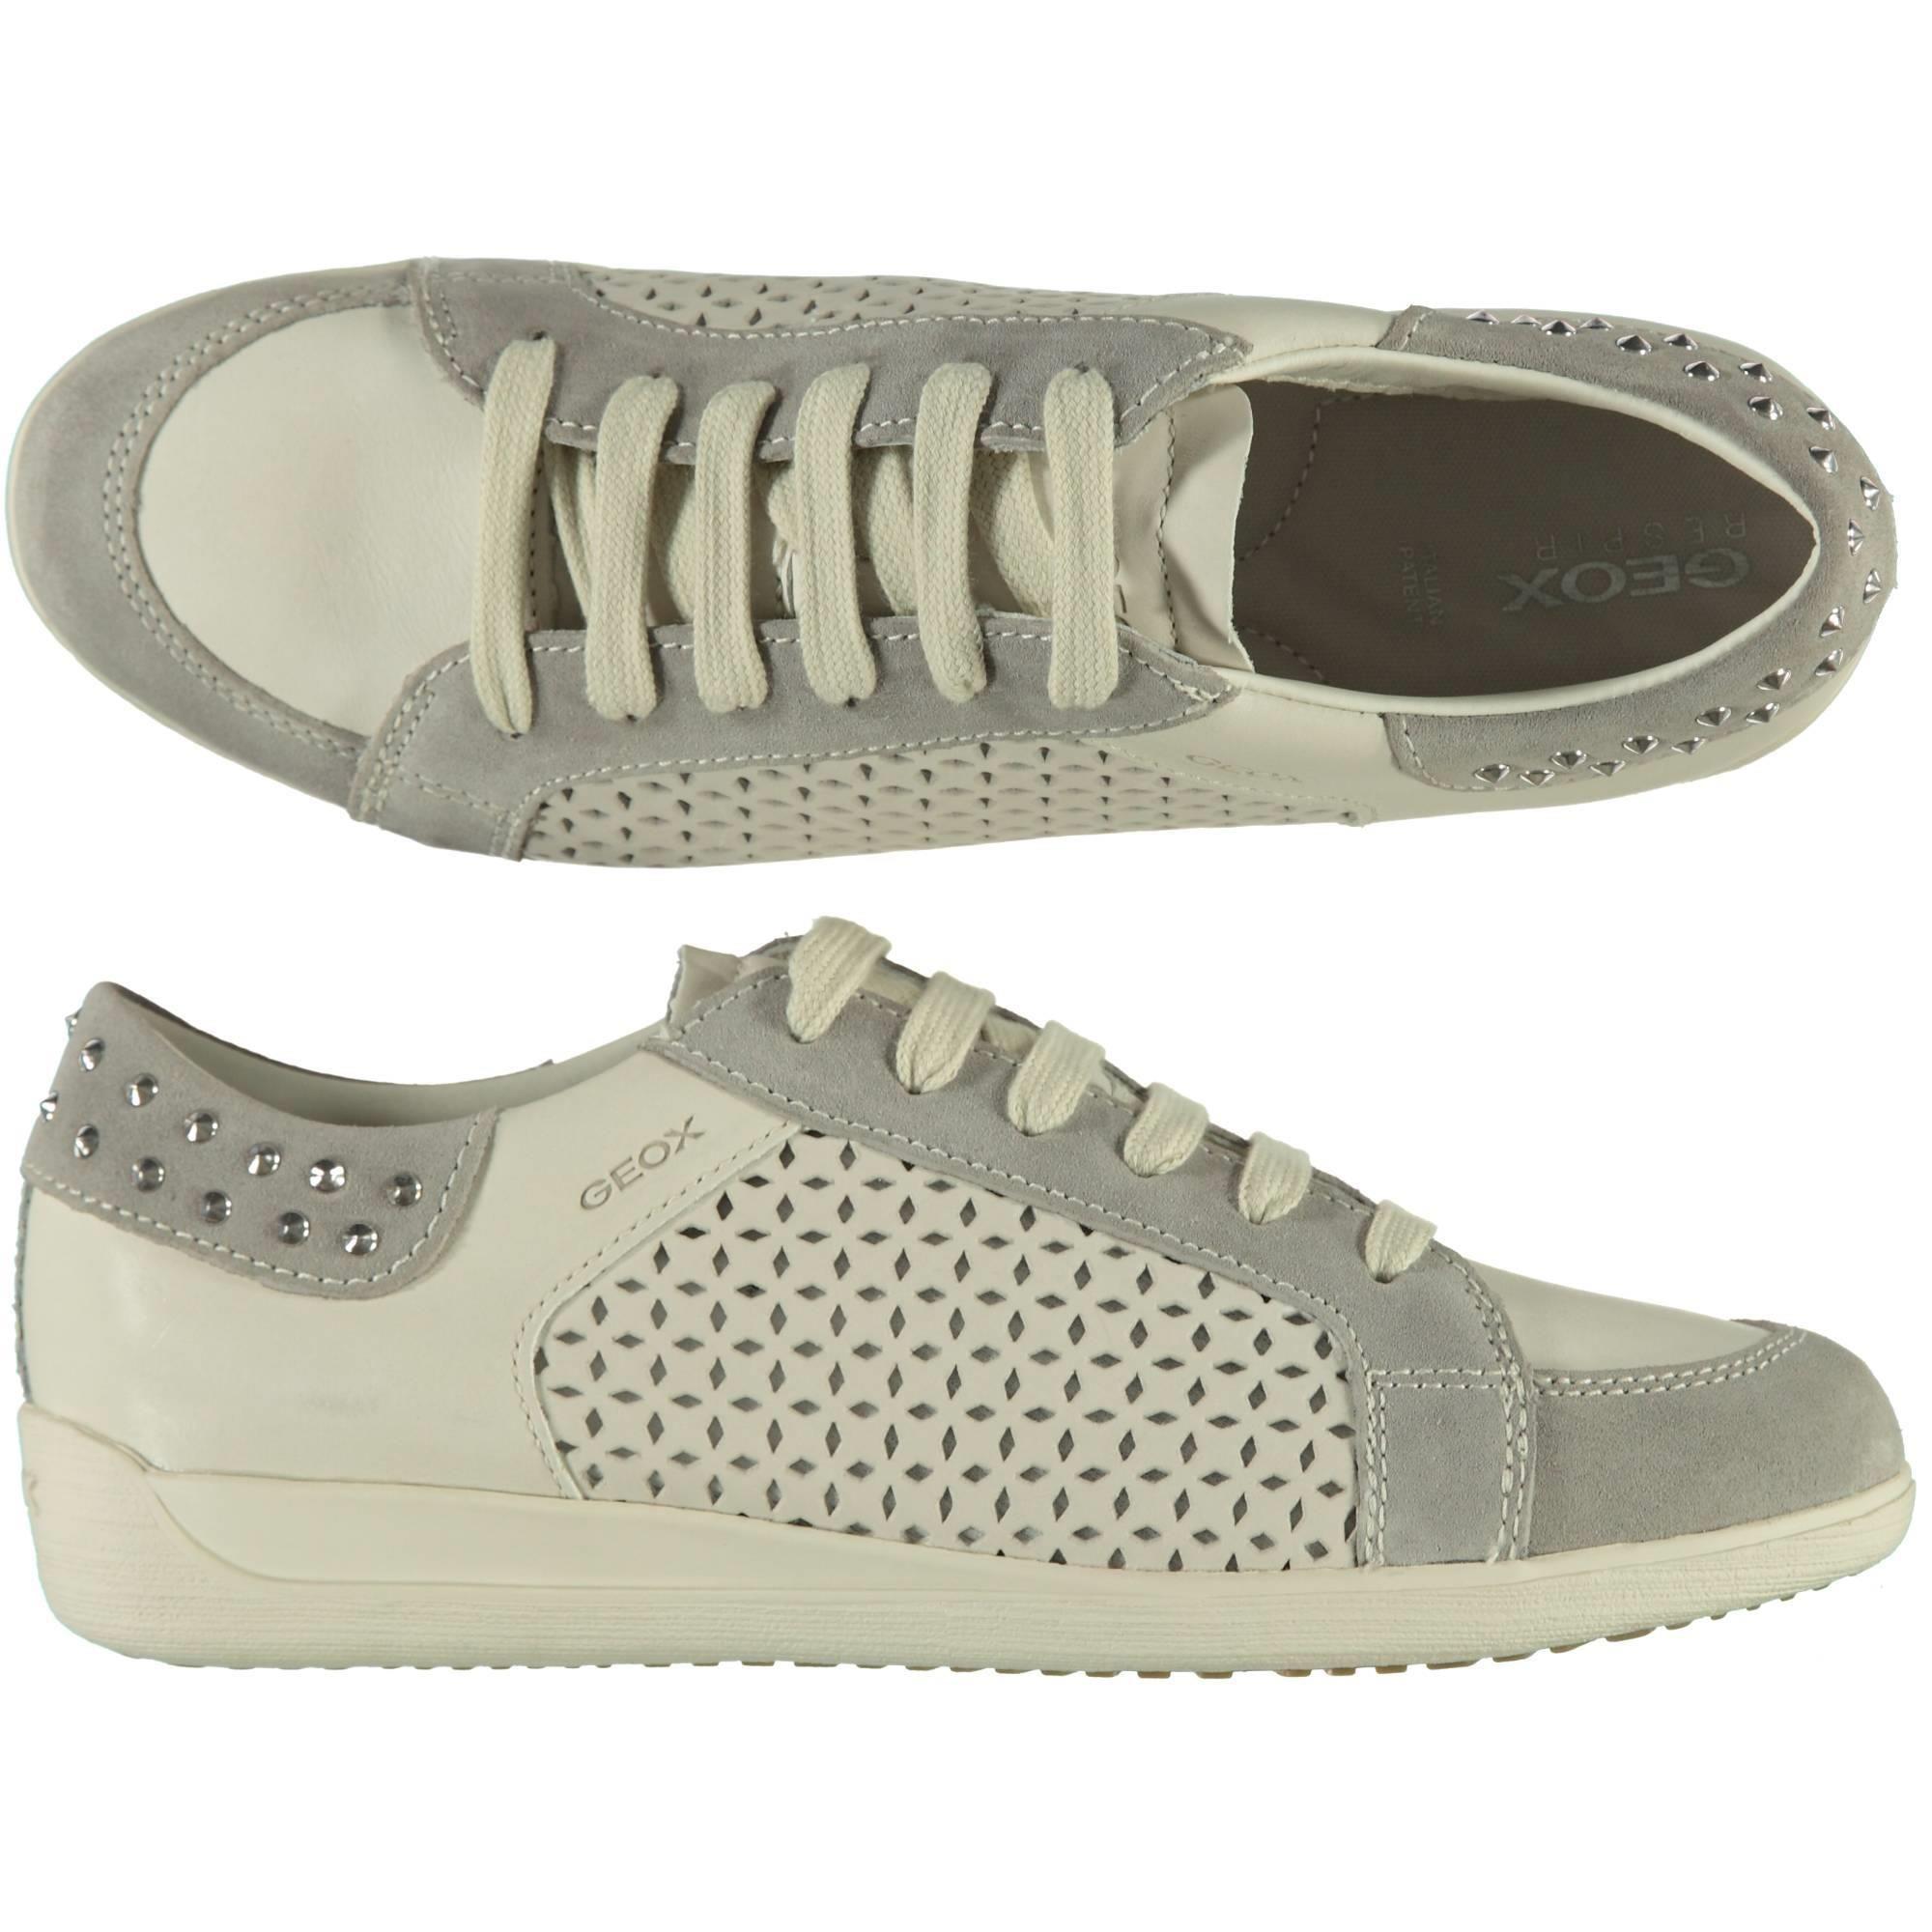 a34f22a6c93eb7 Geox sneakers con borchie e lavorazione laser - € 89